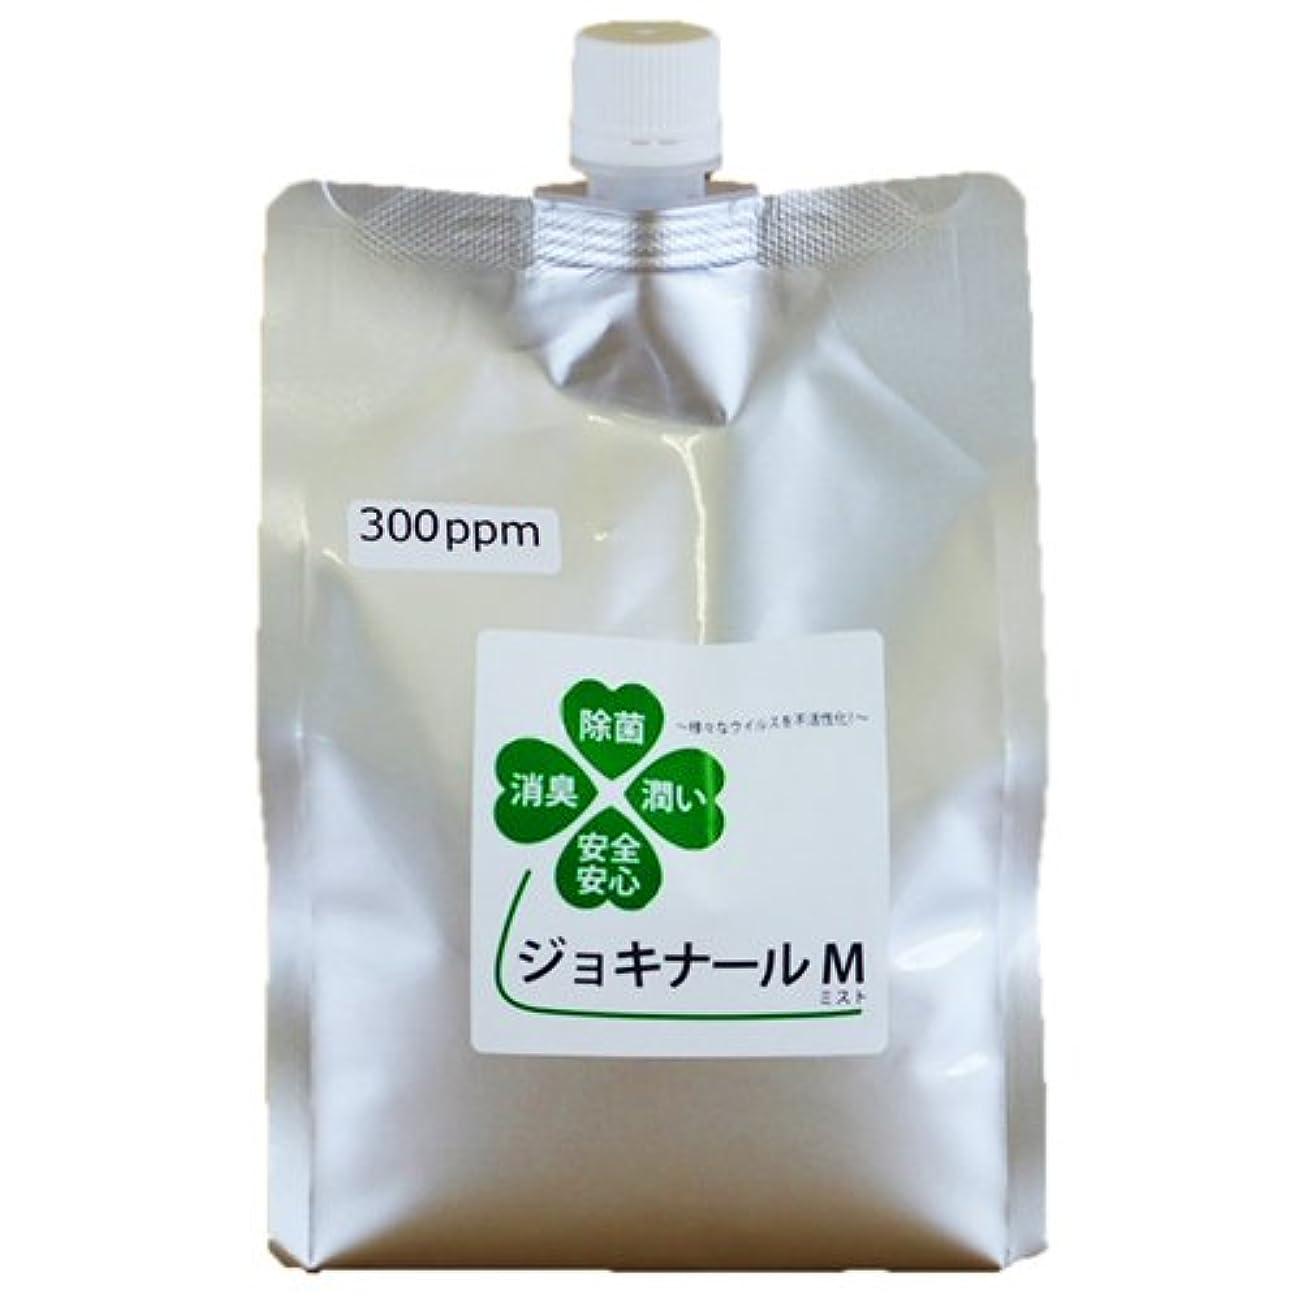 大邸宅誤解ユーモラス除菌 消臭剤 ジョキナールM 溶液(300PPM) 1Lパック 単品